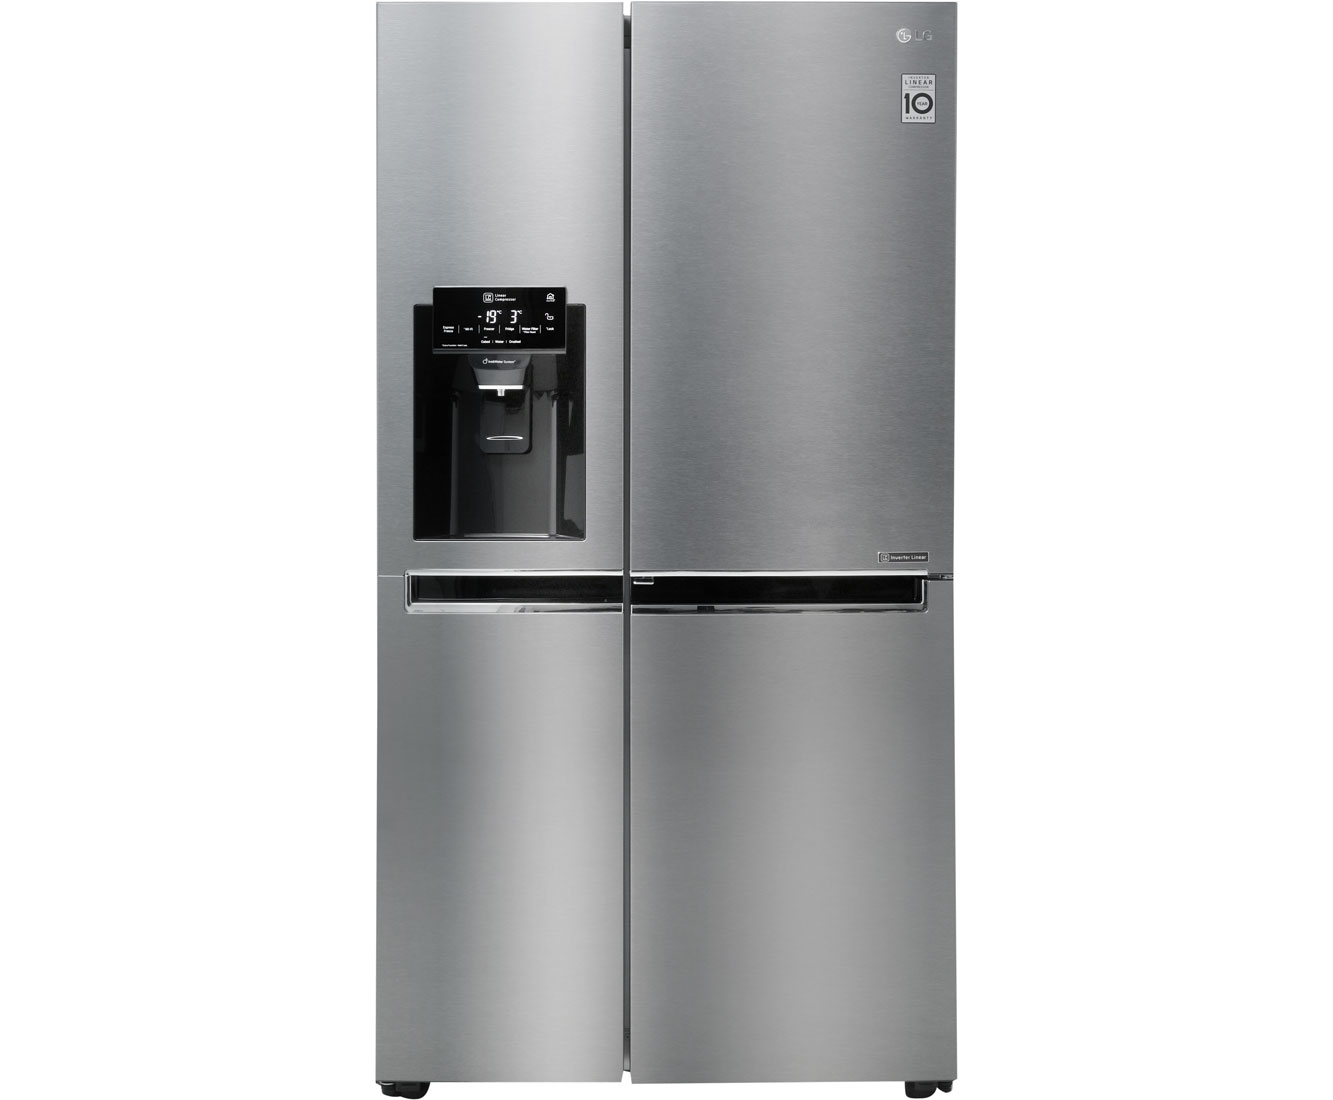 Amerikanischer Kühlschrank Lg : Lg gsj didv amerikanischer side by side mit wasserspender